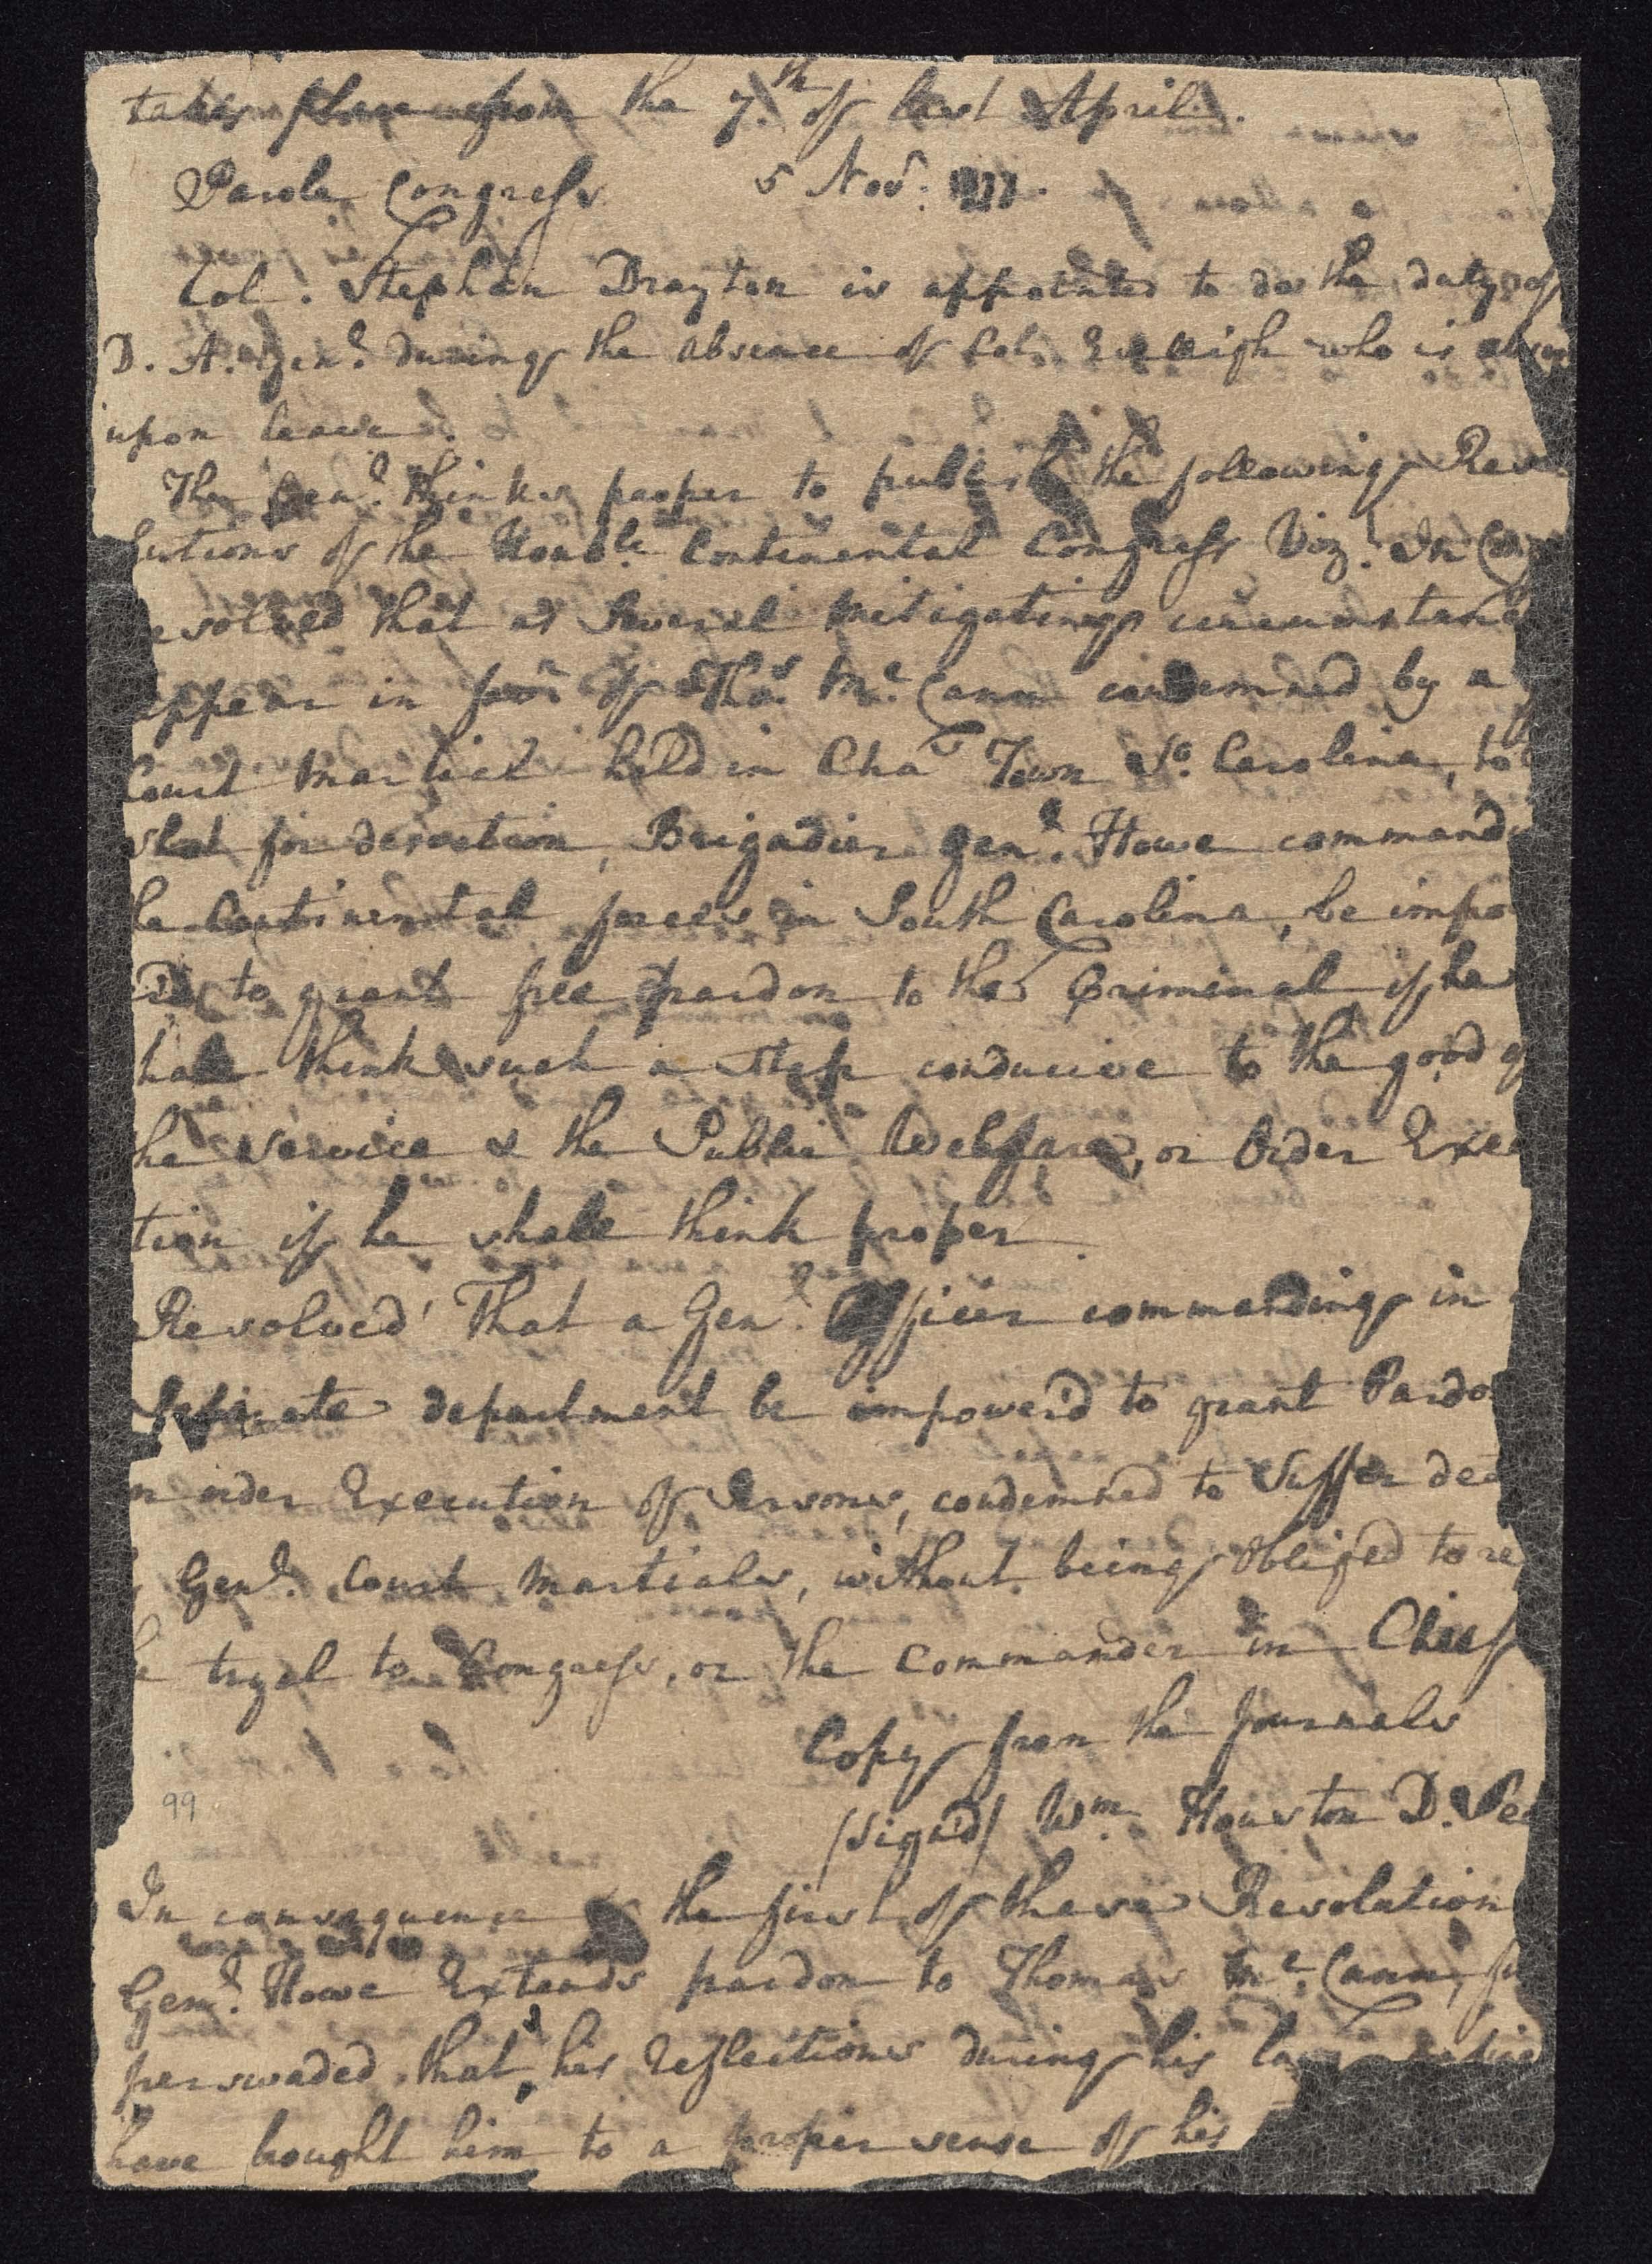 South Carolina Regiment Order Book, Page 197